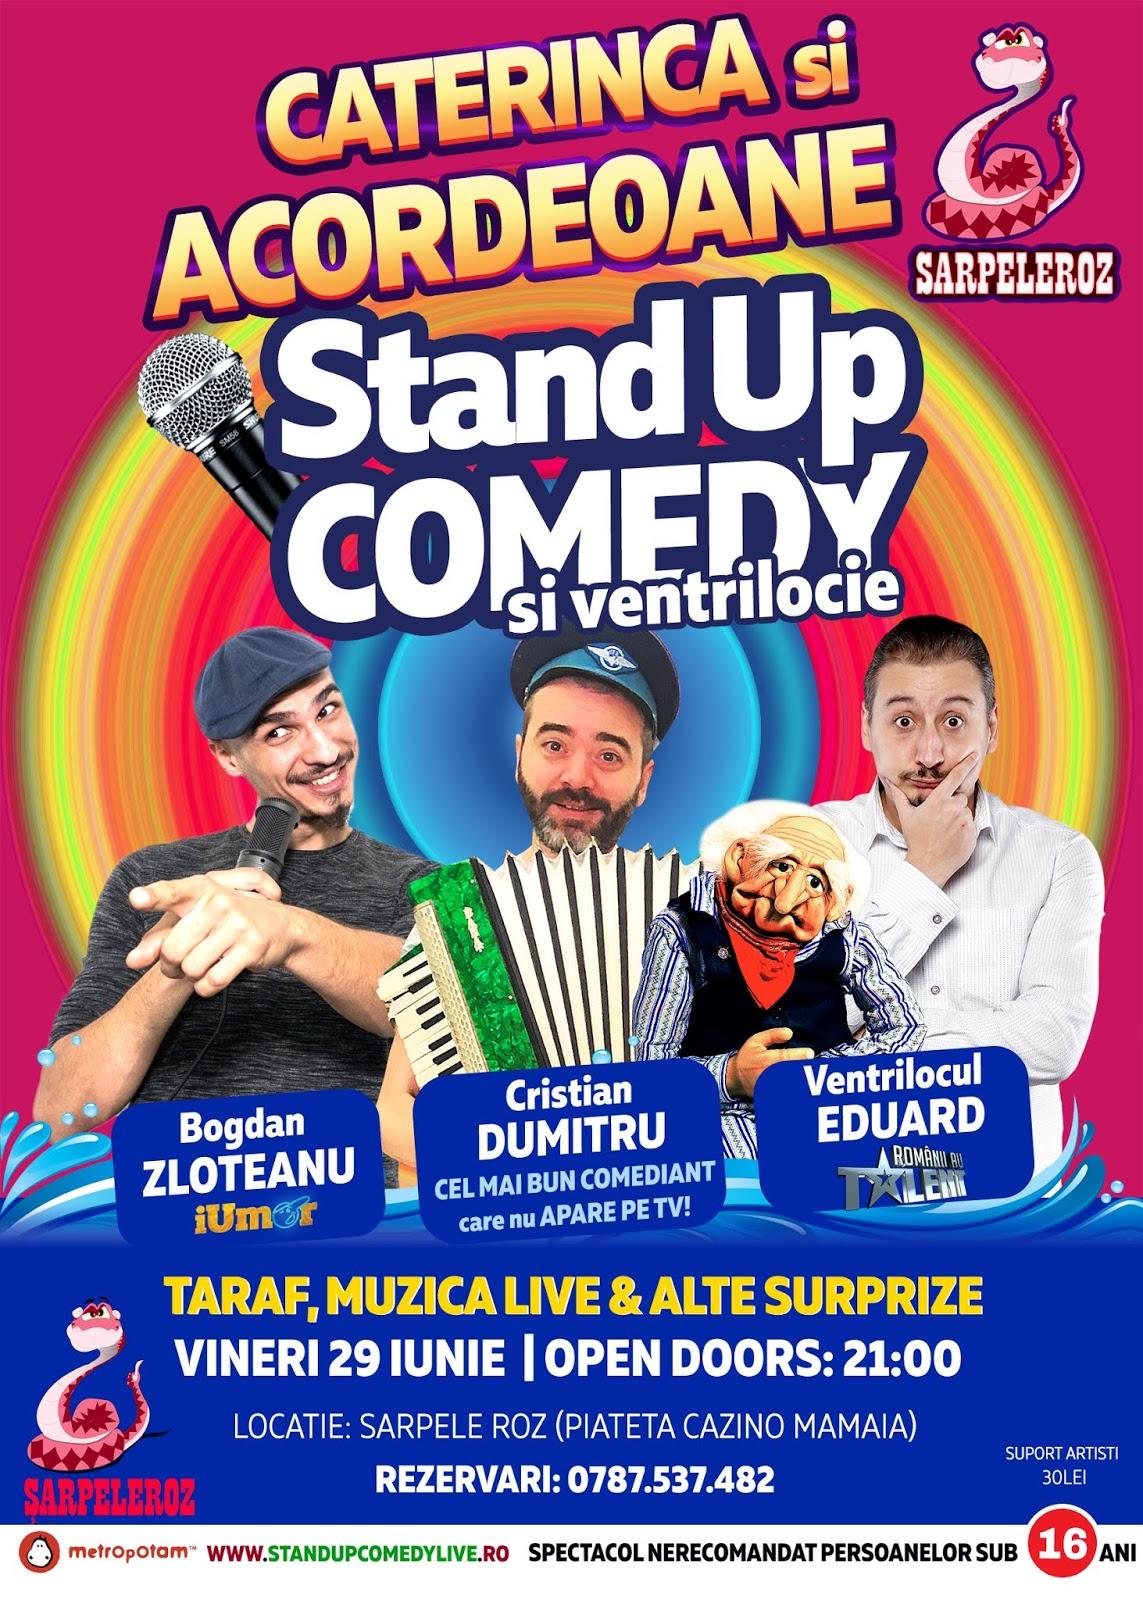 Caterinca si Acordeoane (Stand-Up Comedy & Ventrilocie)